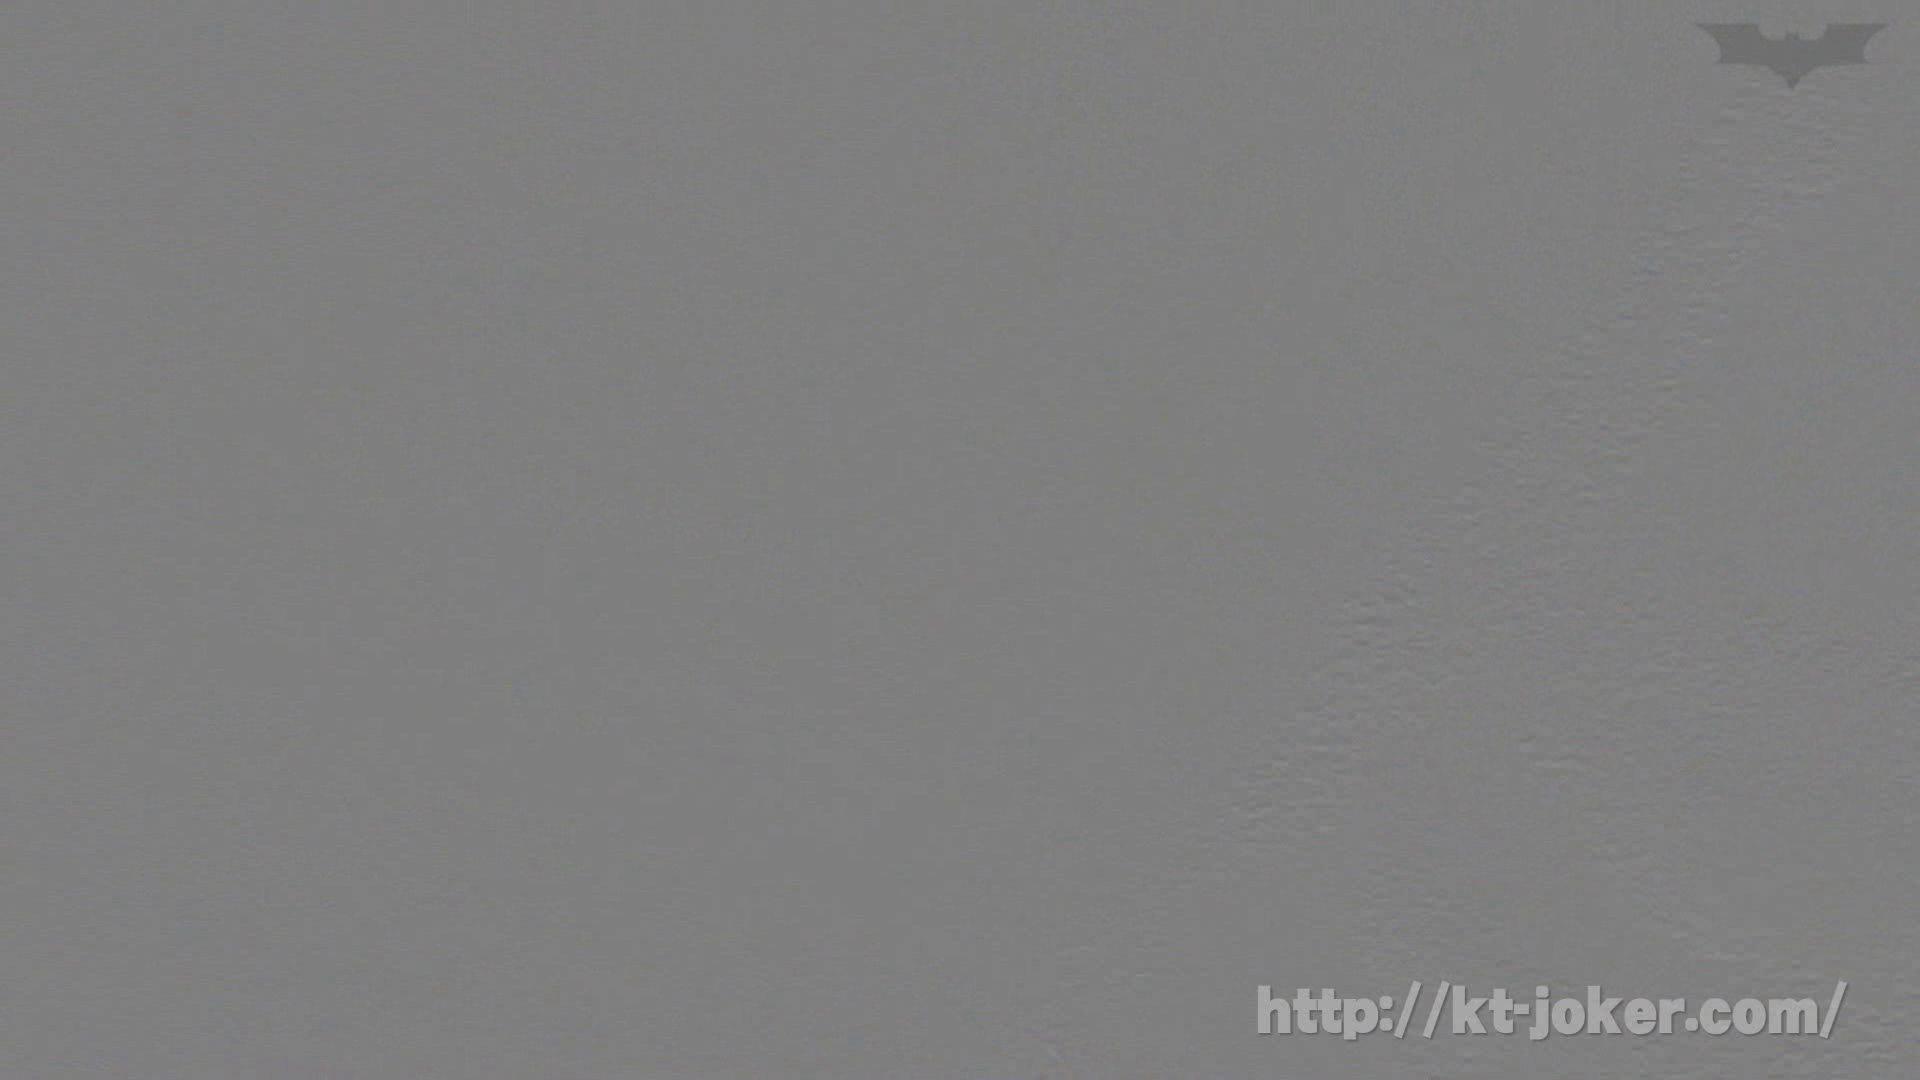 命がけ潜伏洗面所! vol.68 レベルアップ!! プライベート AV無料 92画像 47